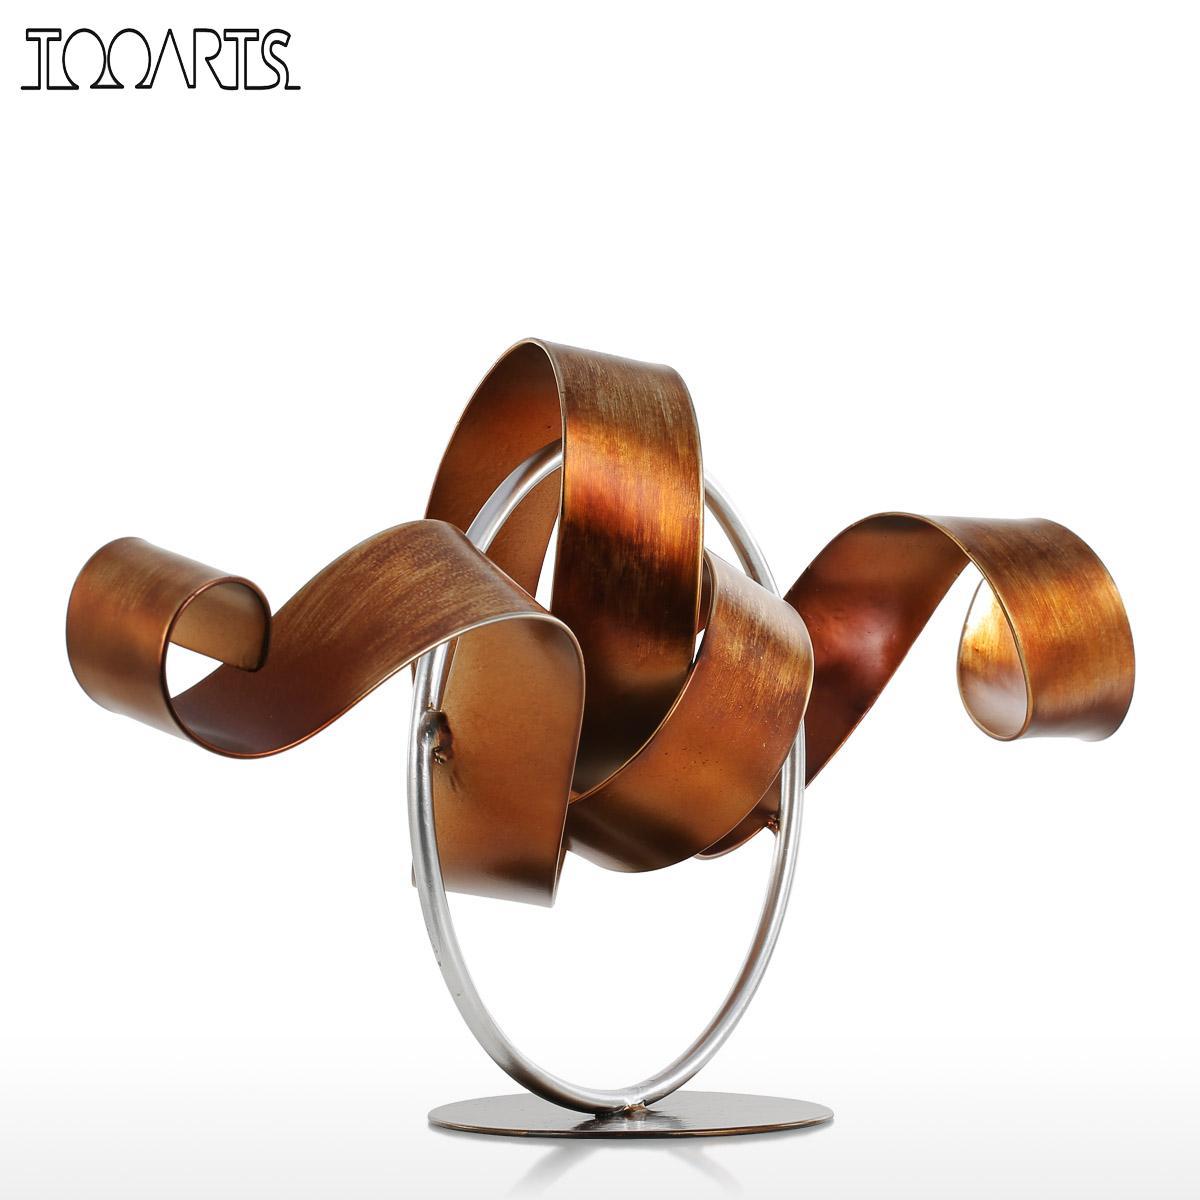 uncommongoods heart decorations office home desktop desk hand sculpture garden sculptures